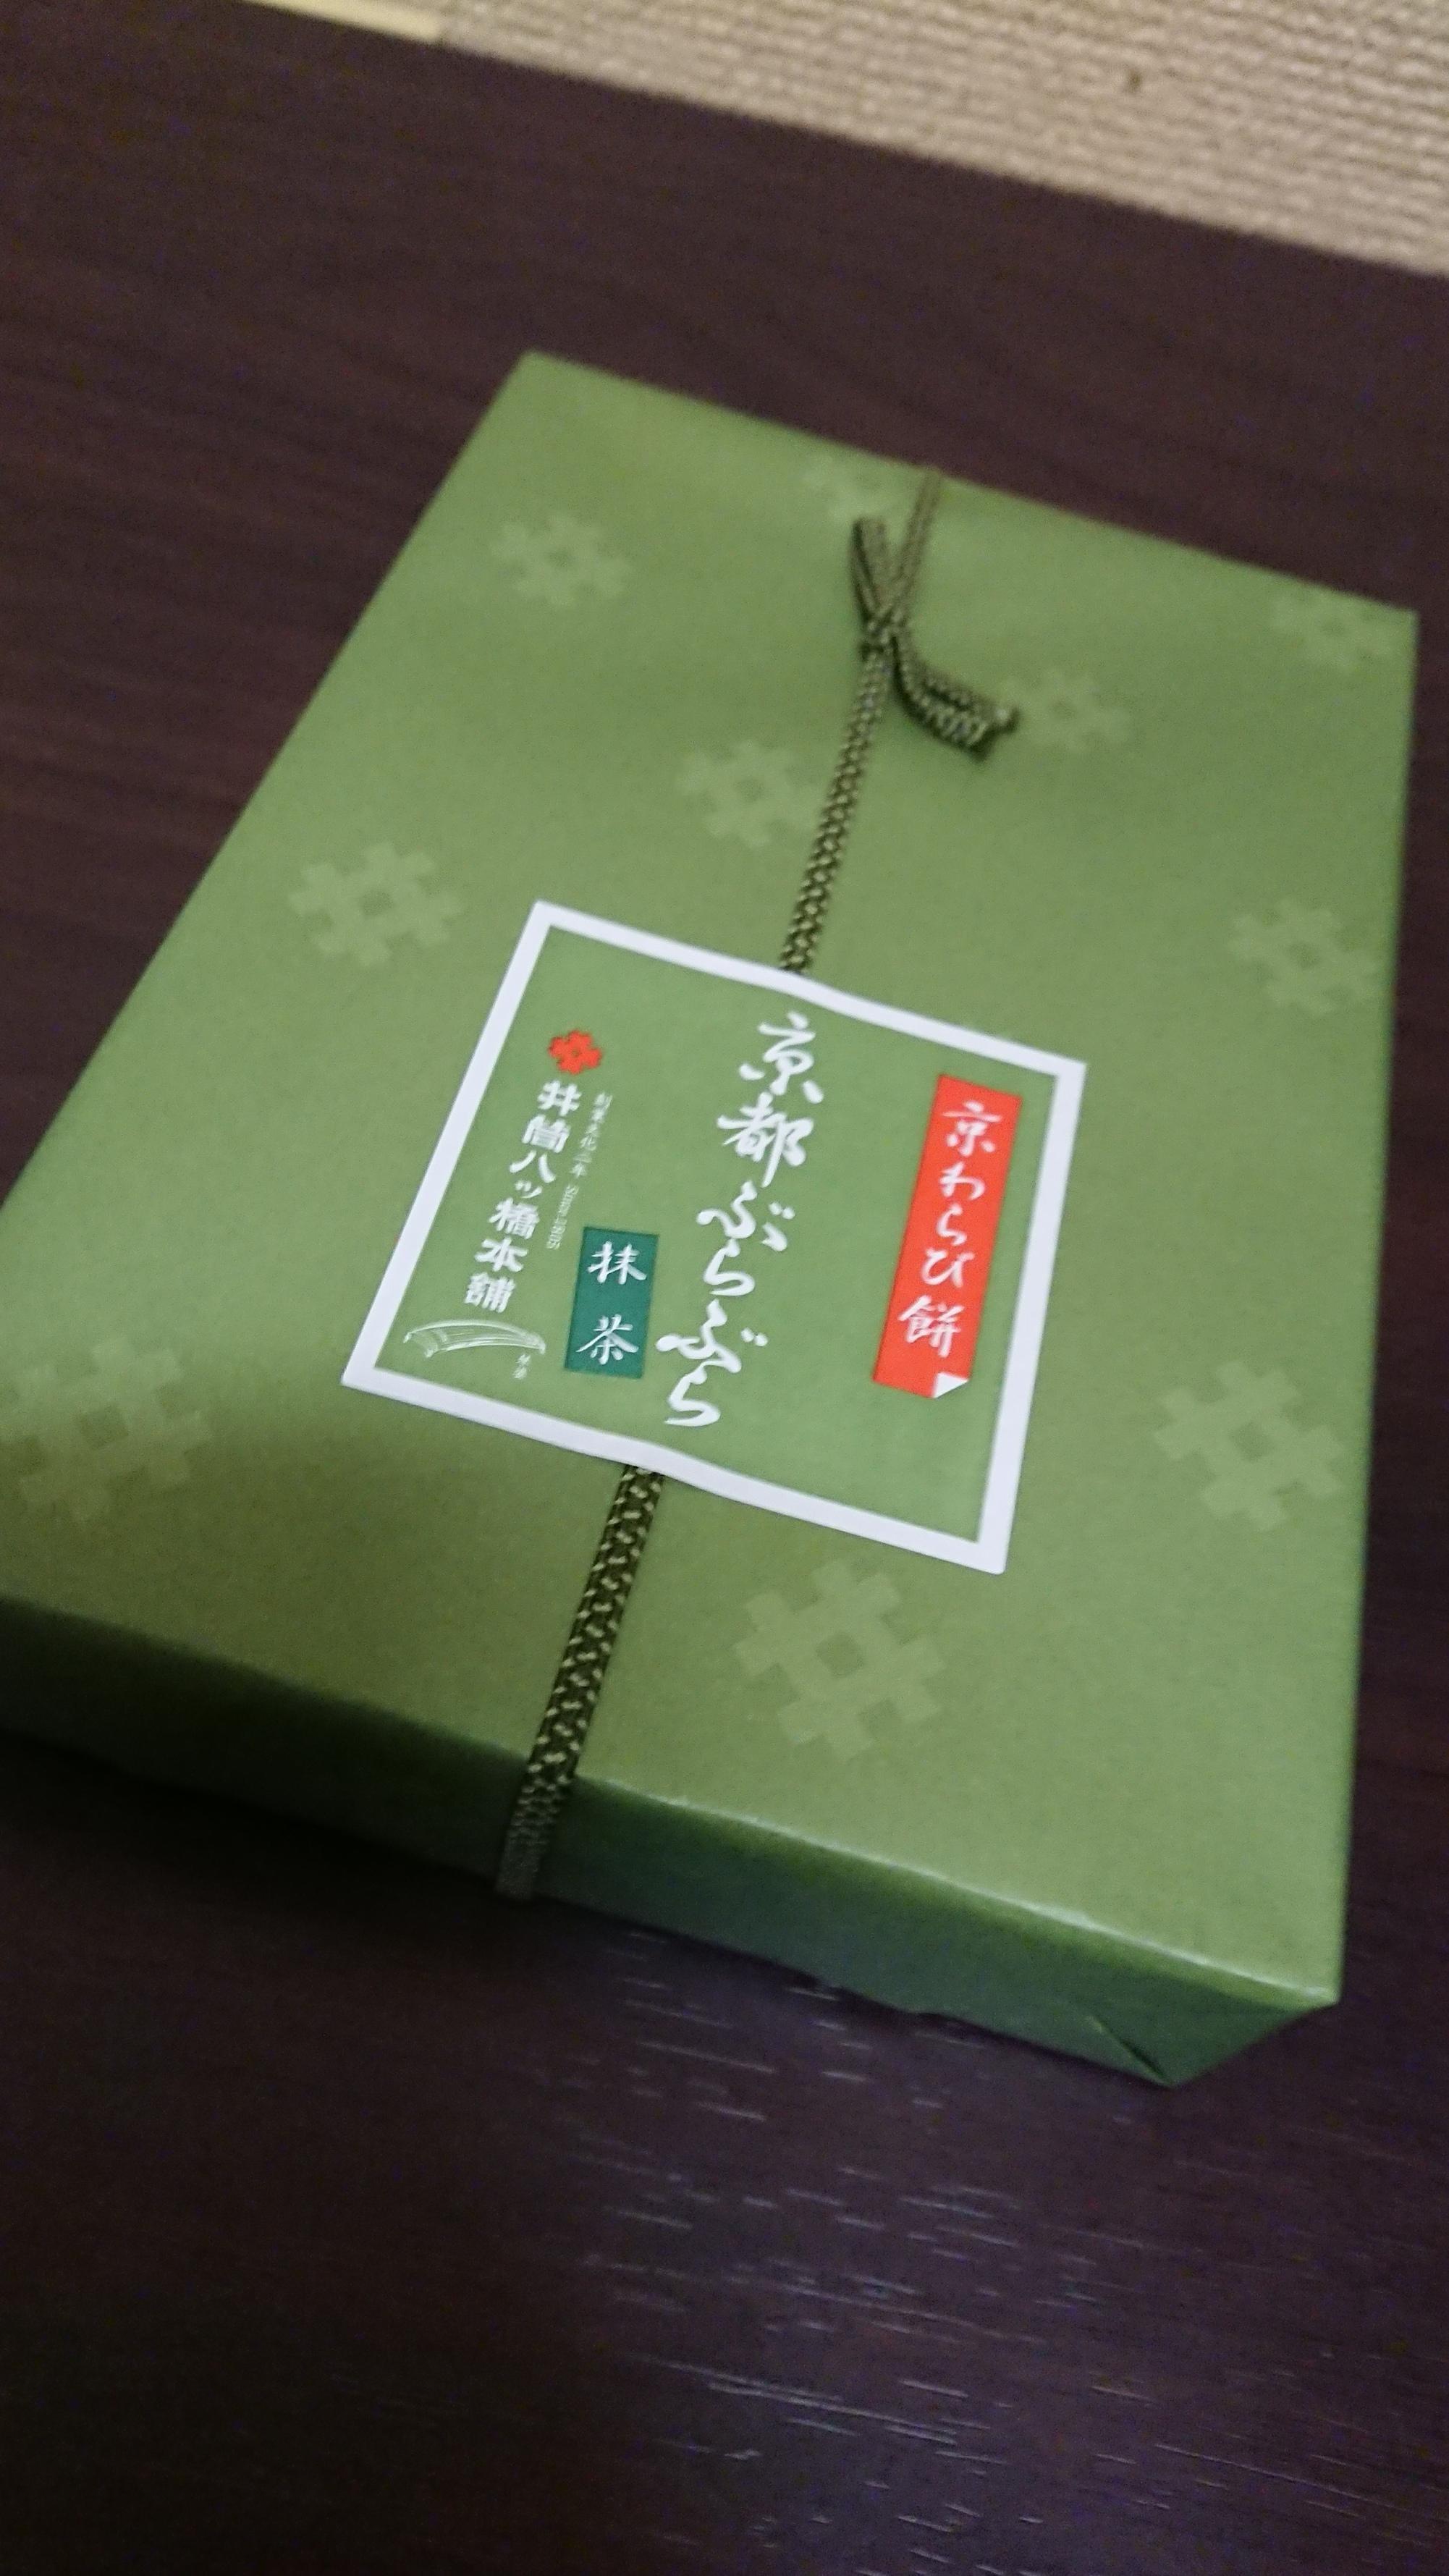 「今日も(*^▽^)/★*☆♪」10/13(土) 13:19 | 香-かおりの写メ・風俗動画